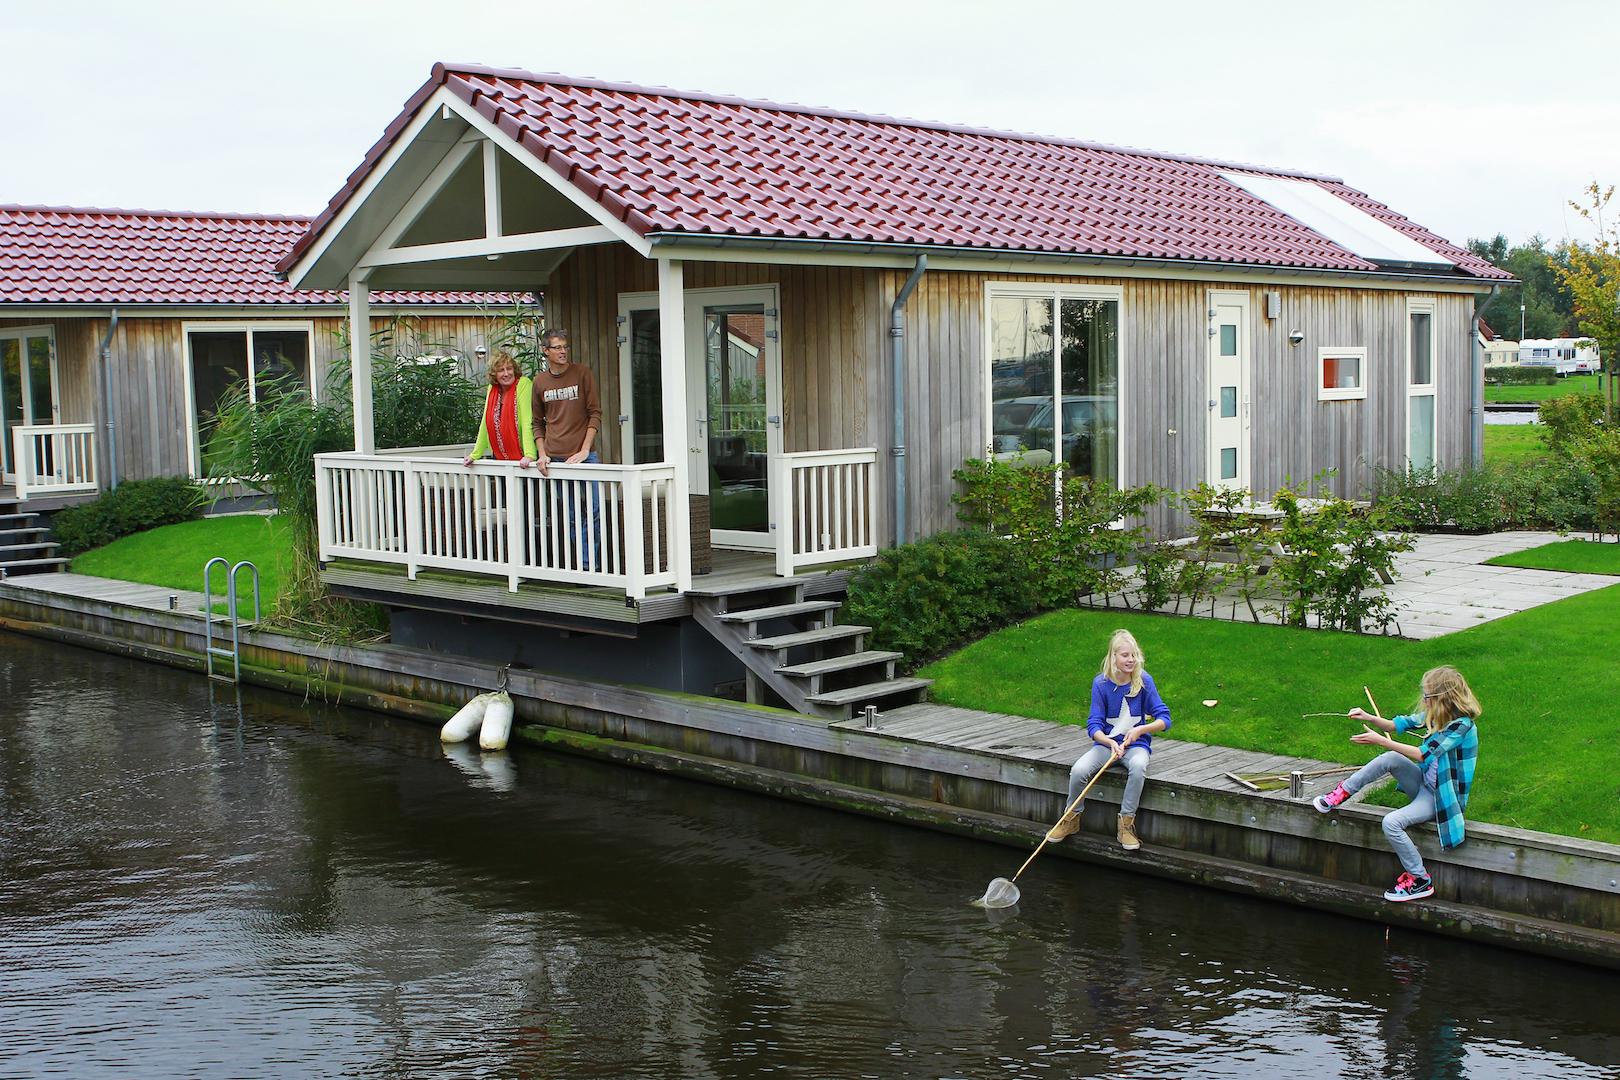 Te koop aan het water - Vis-vakanties.nl